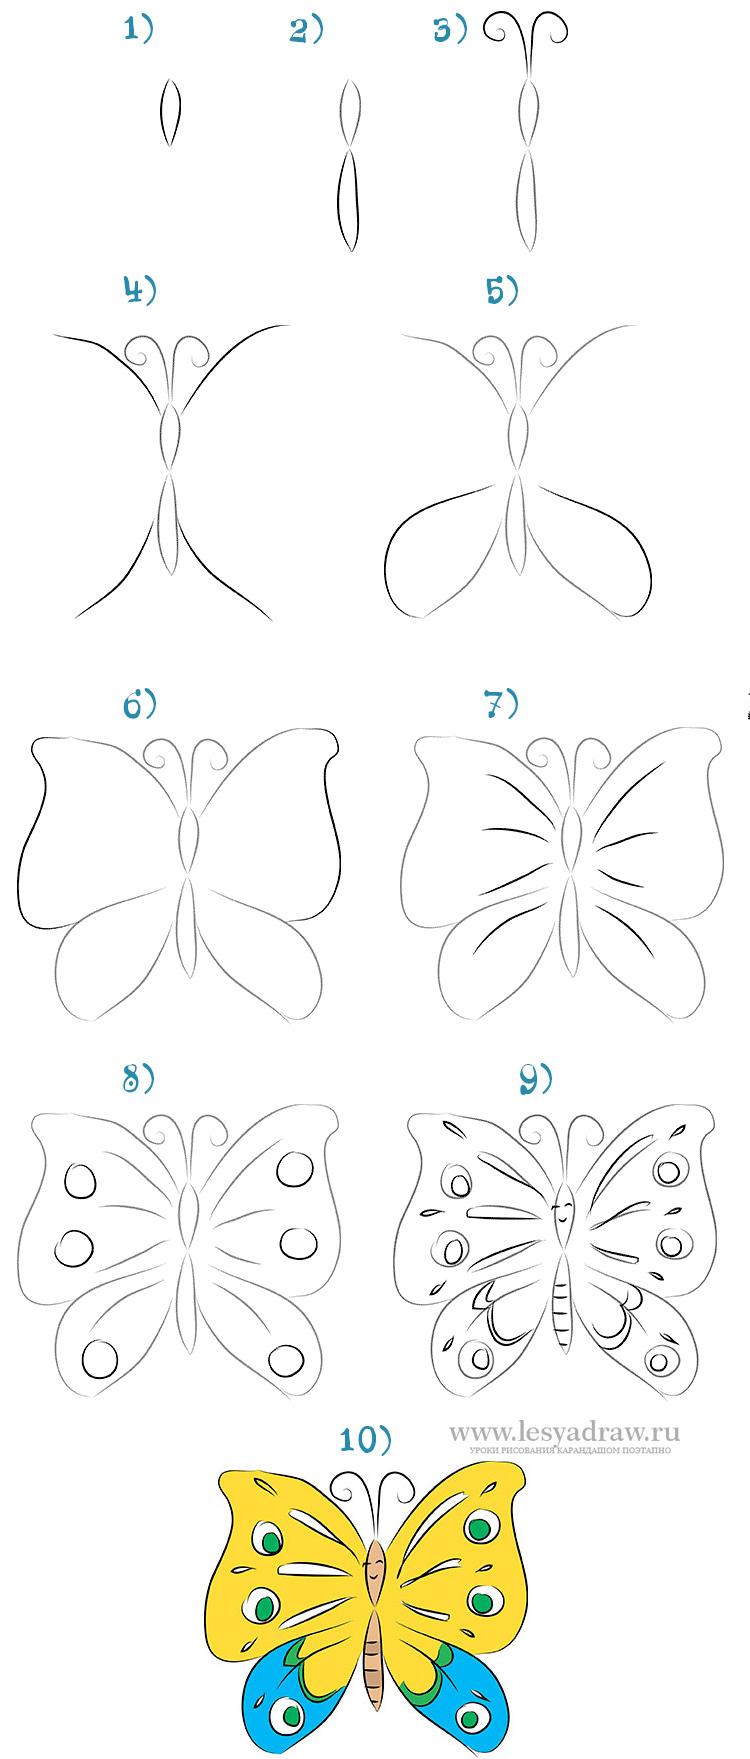 Фото бабочек для детей карандашом